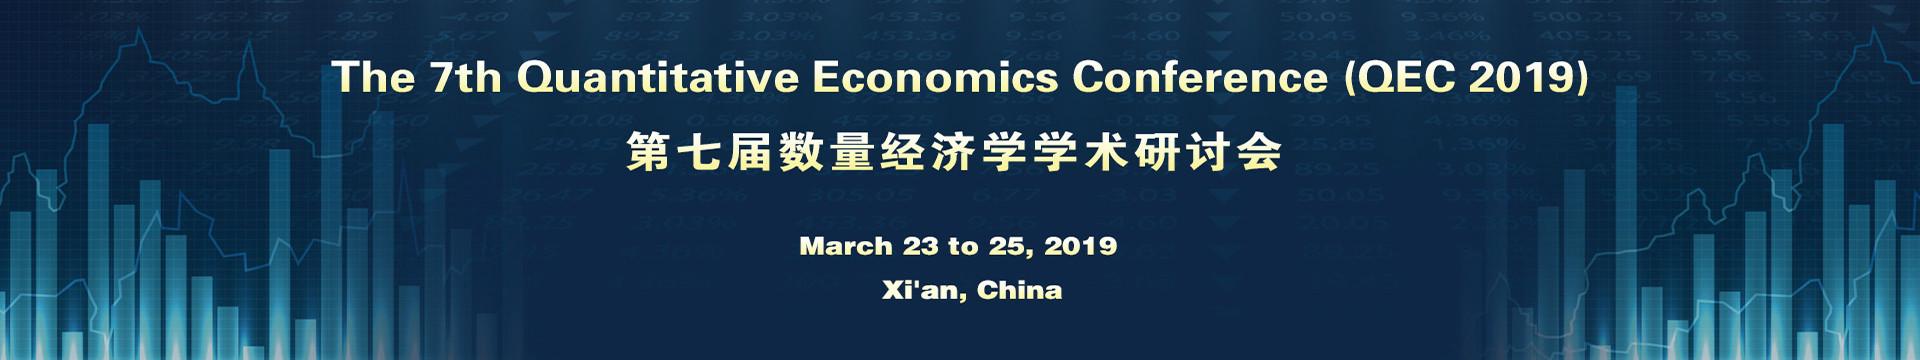 第七届数量经济学学术研讨会 (QEC 2019)